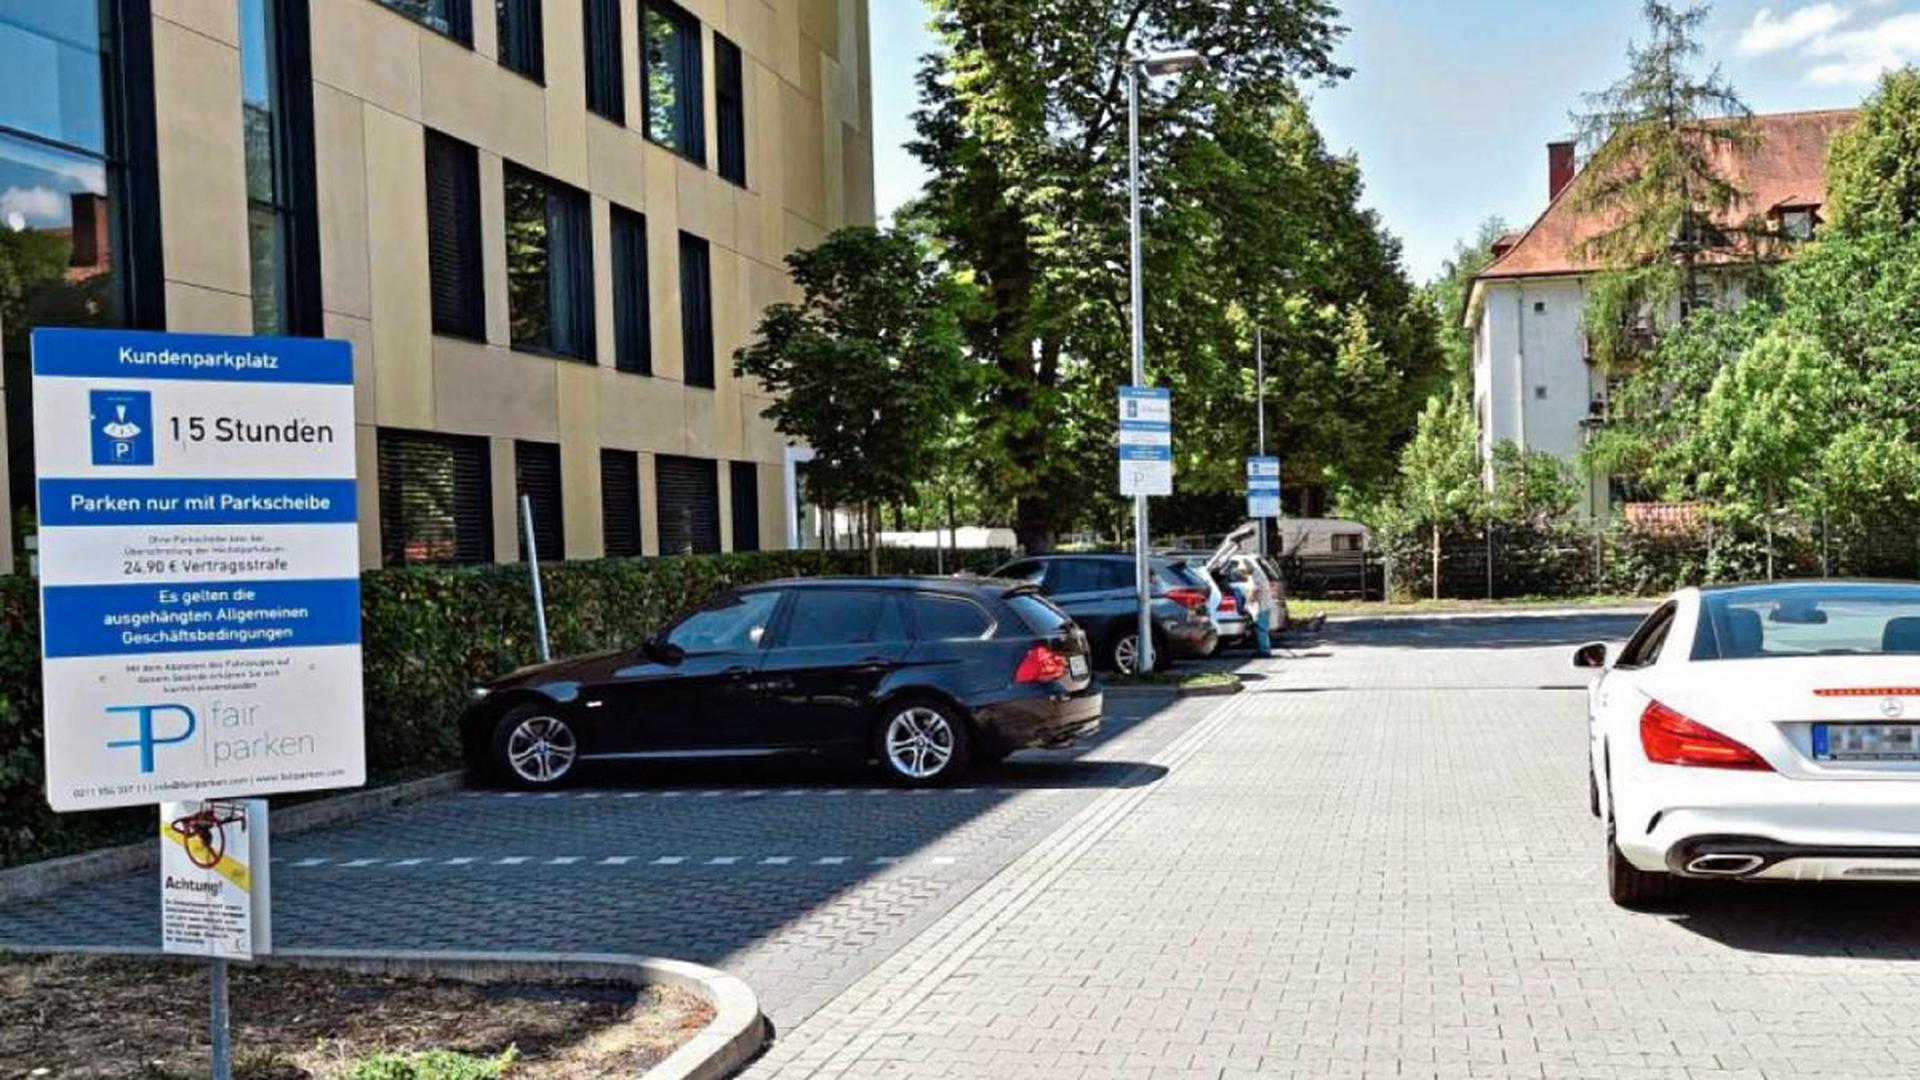 Gut sichtbar weisen die Parkplatzüberwacher in Karlsruhe beim Supermarkt Penny auf die Vertragsstrafe hin. Diese wird fällig, wenn parkende Kunden keine Parkscheibe anbringen. Auf vielen Parkplätzen sind die Hinweisschilder jedoch kaum zu erkennen.